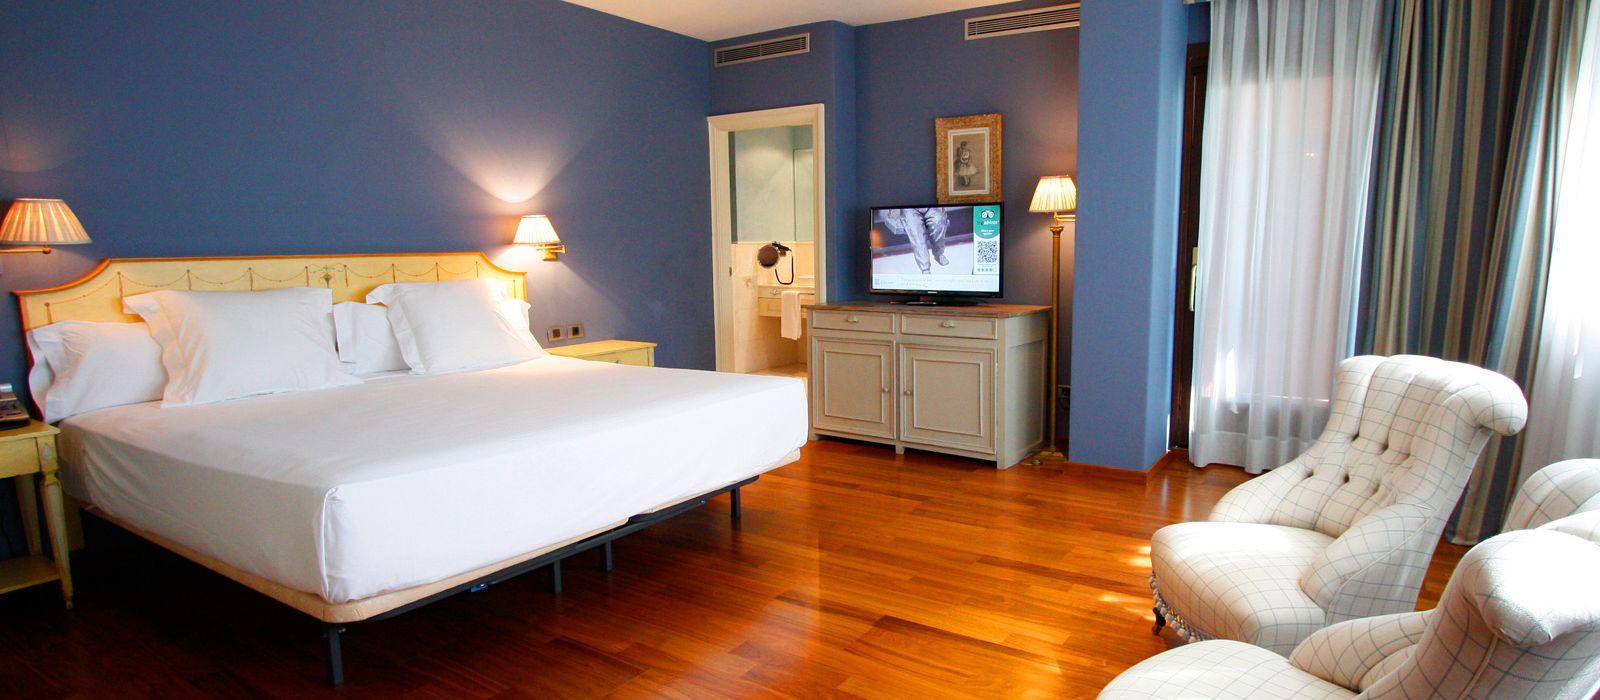 Номер с Сьют с Джакузи | Hotel Blancafort